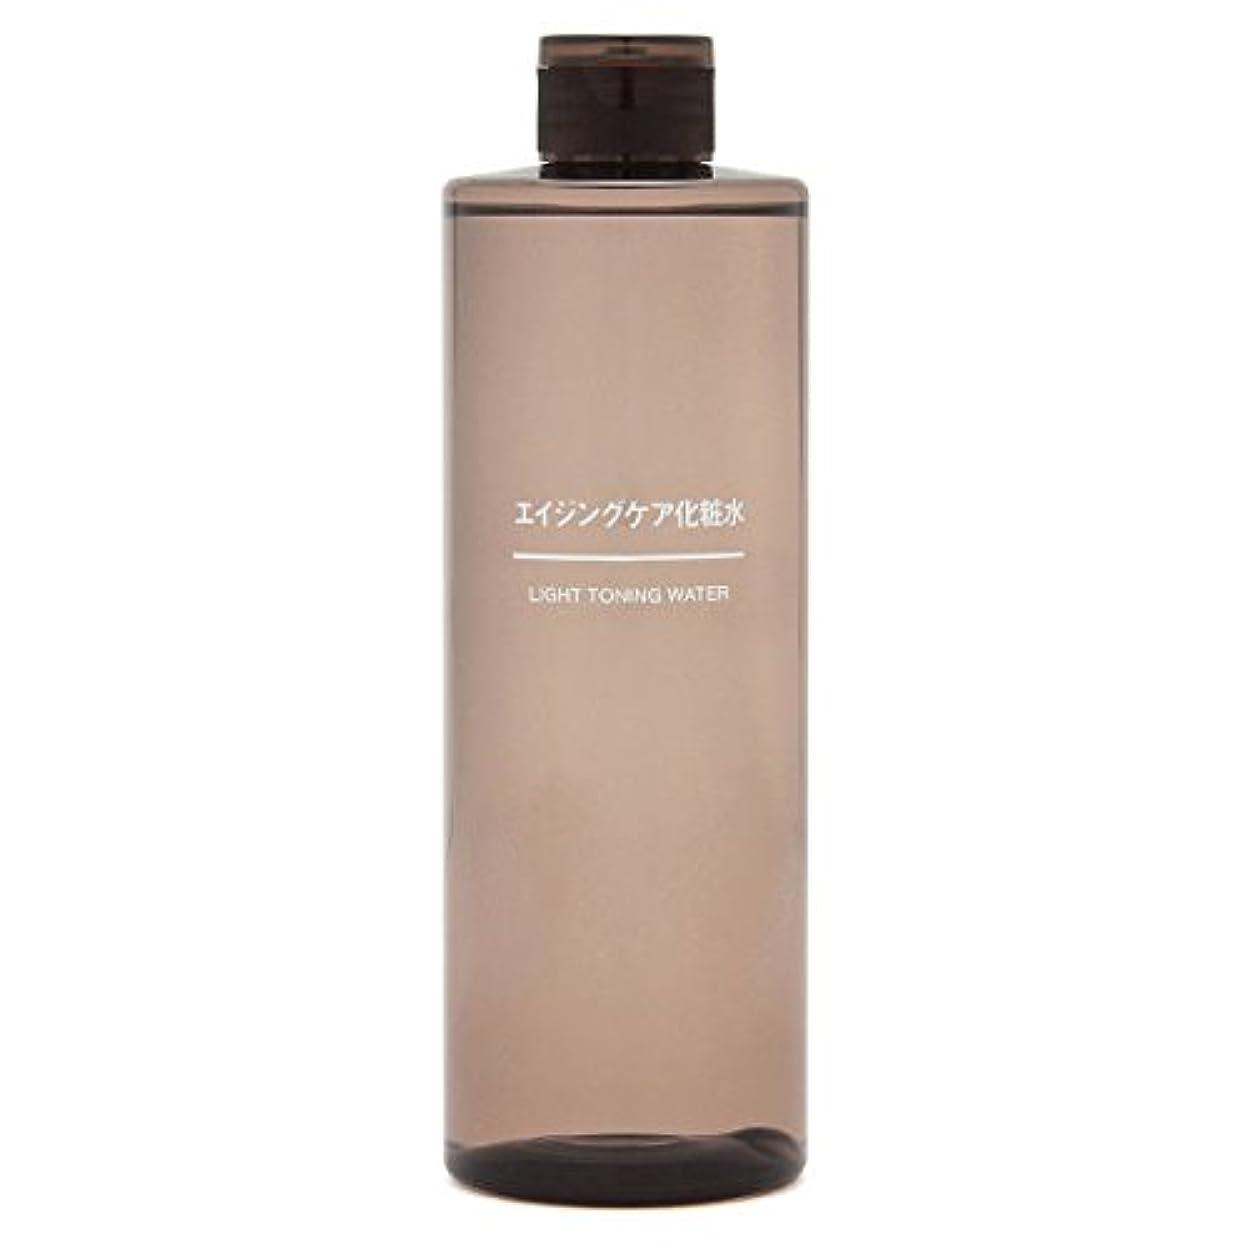 パターン正確さ学んだ無印良品 エイジングケア化粧水(大容量) 400ml 38743156 良品計画